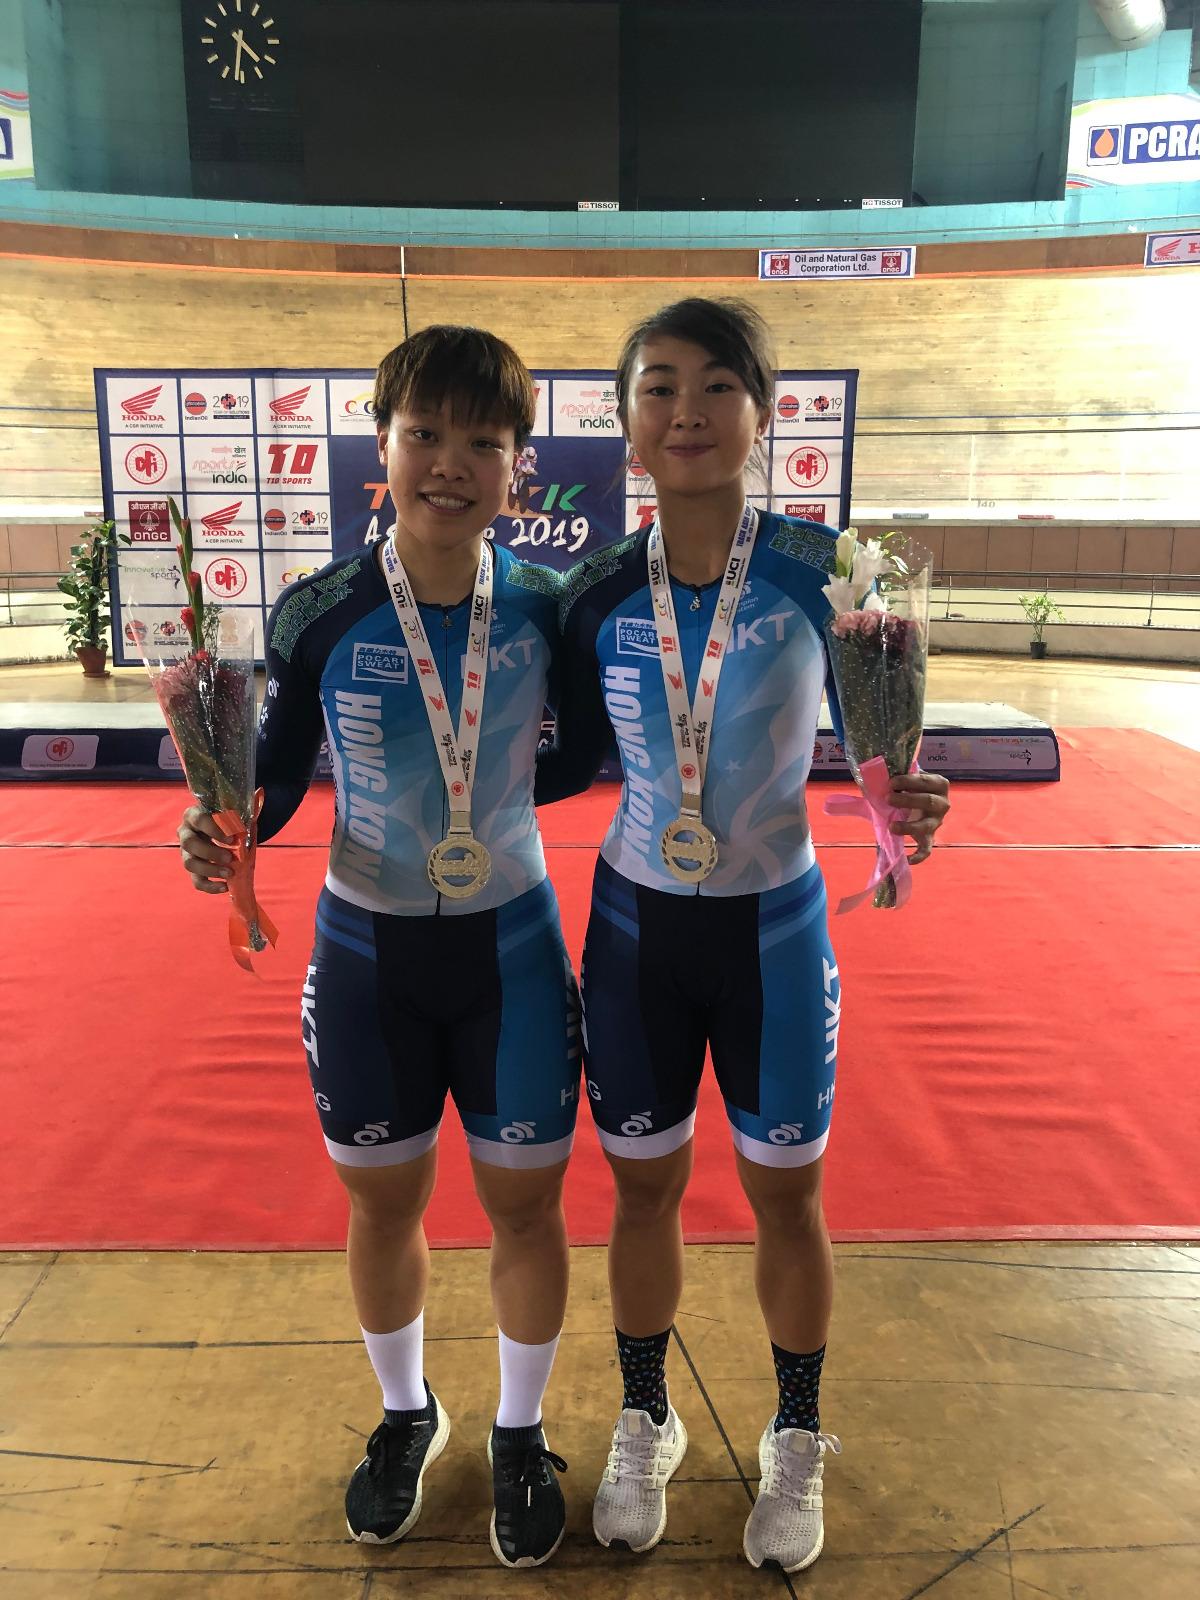 香港小將楊礎瑤(右)及李燕燕(左)在首天賽事贏得女子精英隊制爭先賽銀牌。 相片由單車總會提供